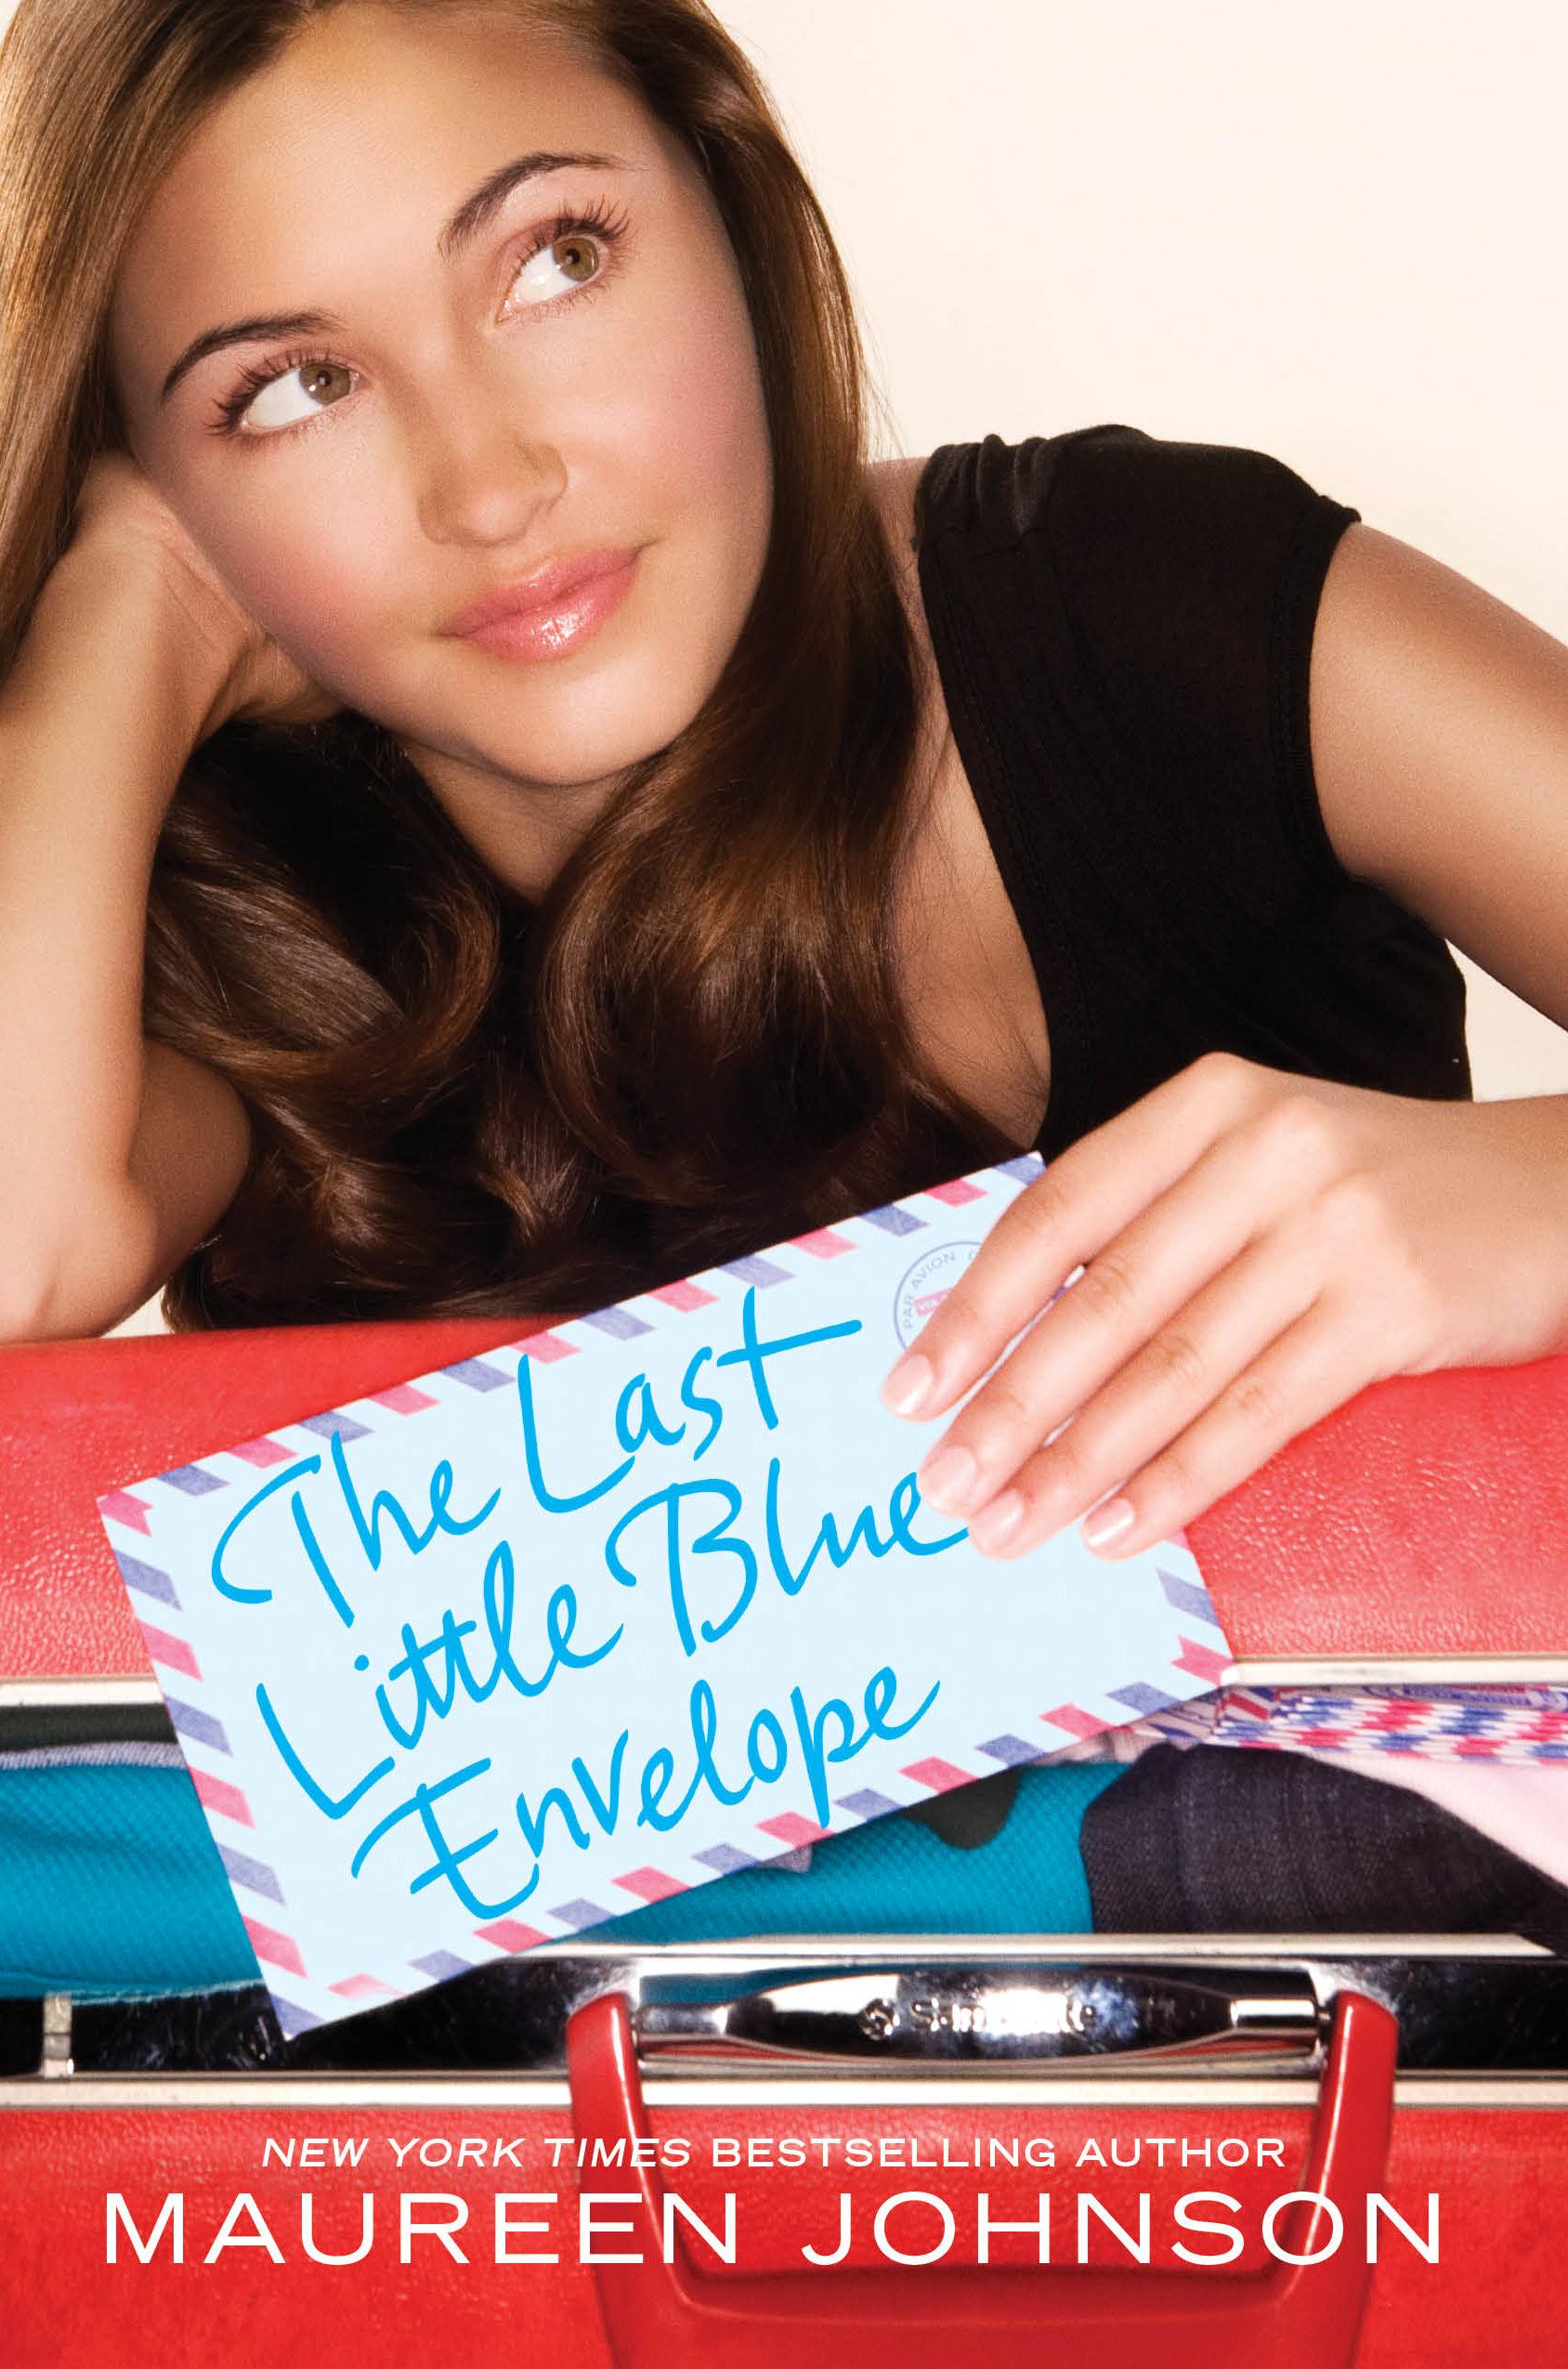 13 little blue envelopes book review